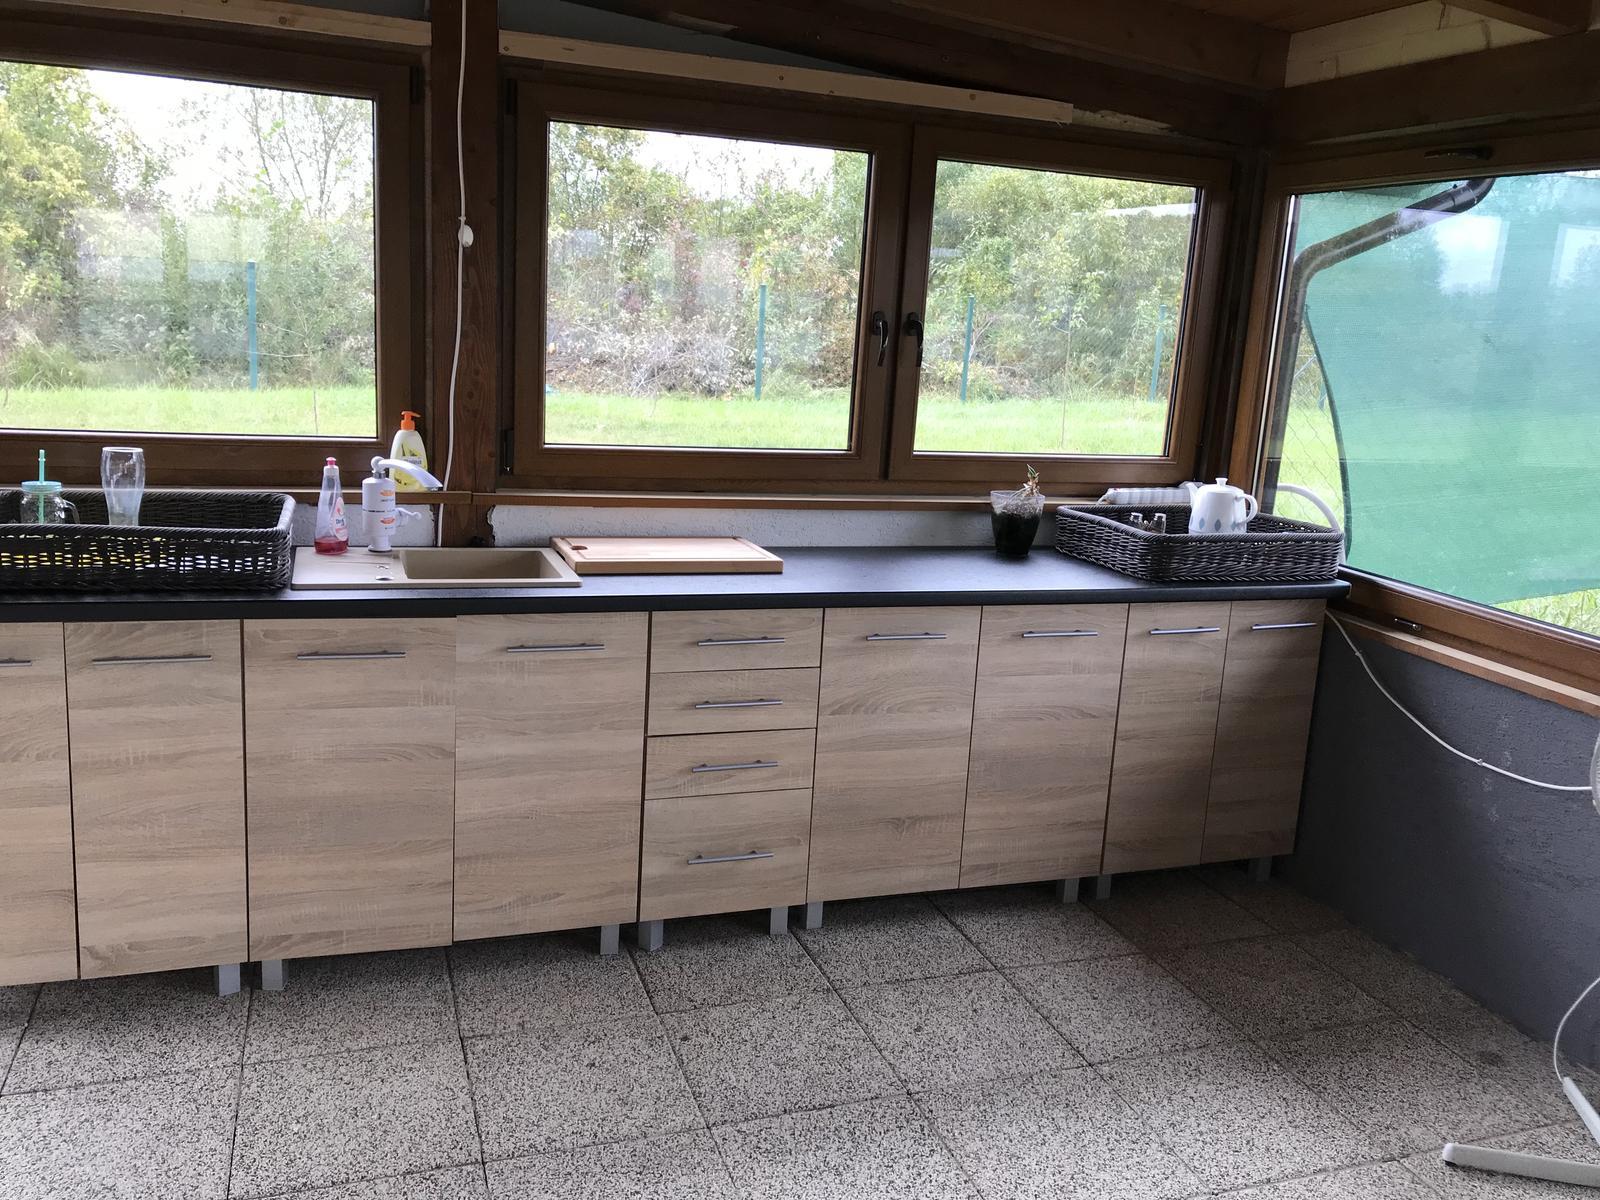 2018 - Do našej kuchyne na terase sme si už kúpili aj el gril a chystáme sa aj plynovú platňu na varenie